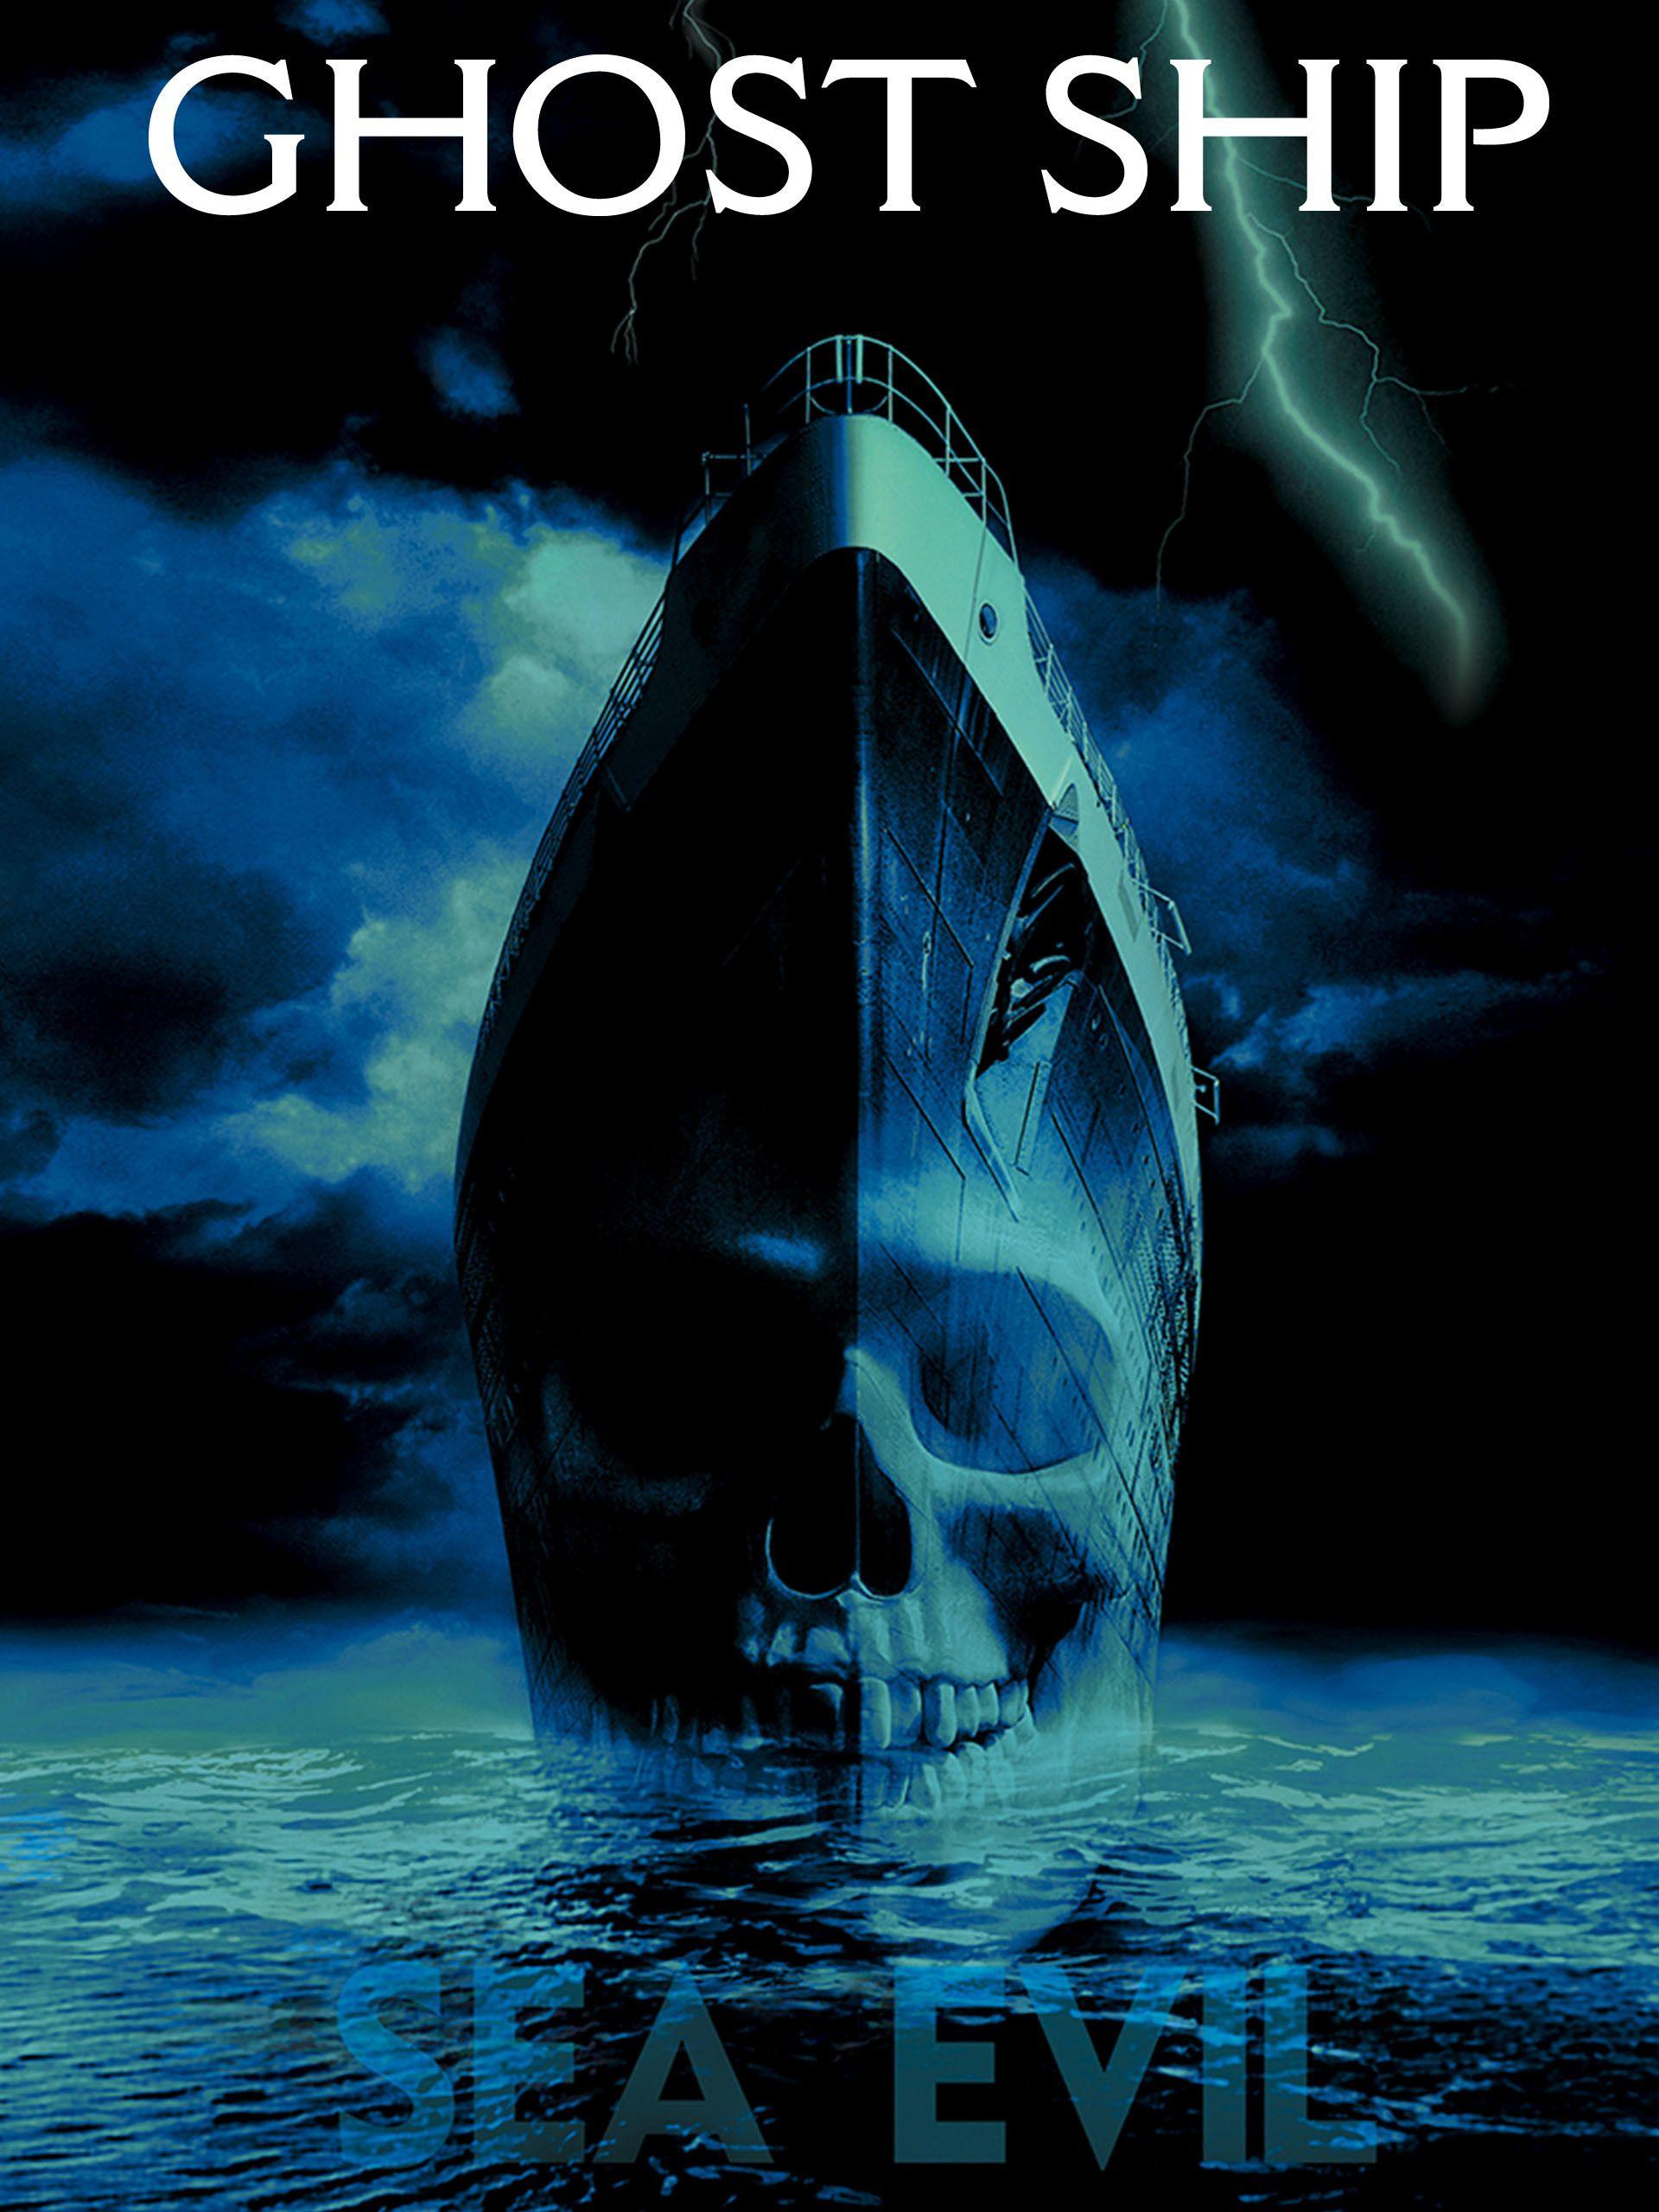 Mira Esta Página Peliculas De Terror Películas De Miedo Películas De Fantasmas